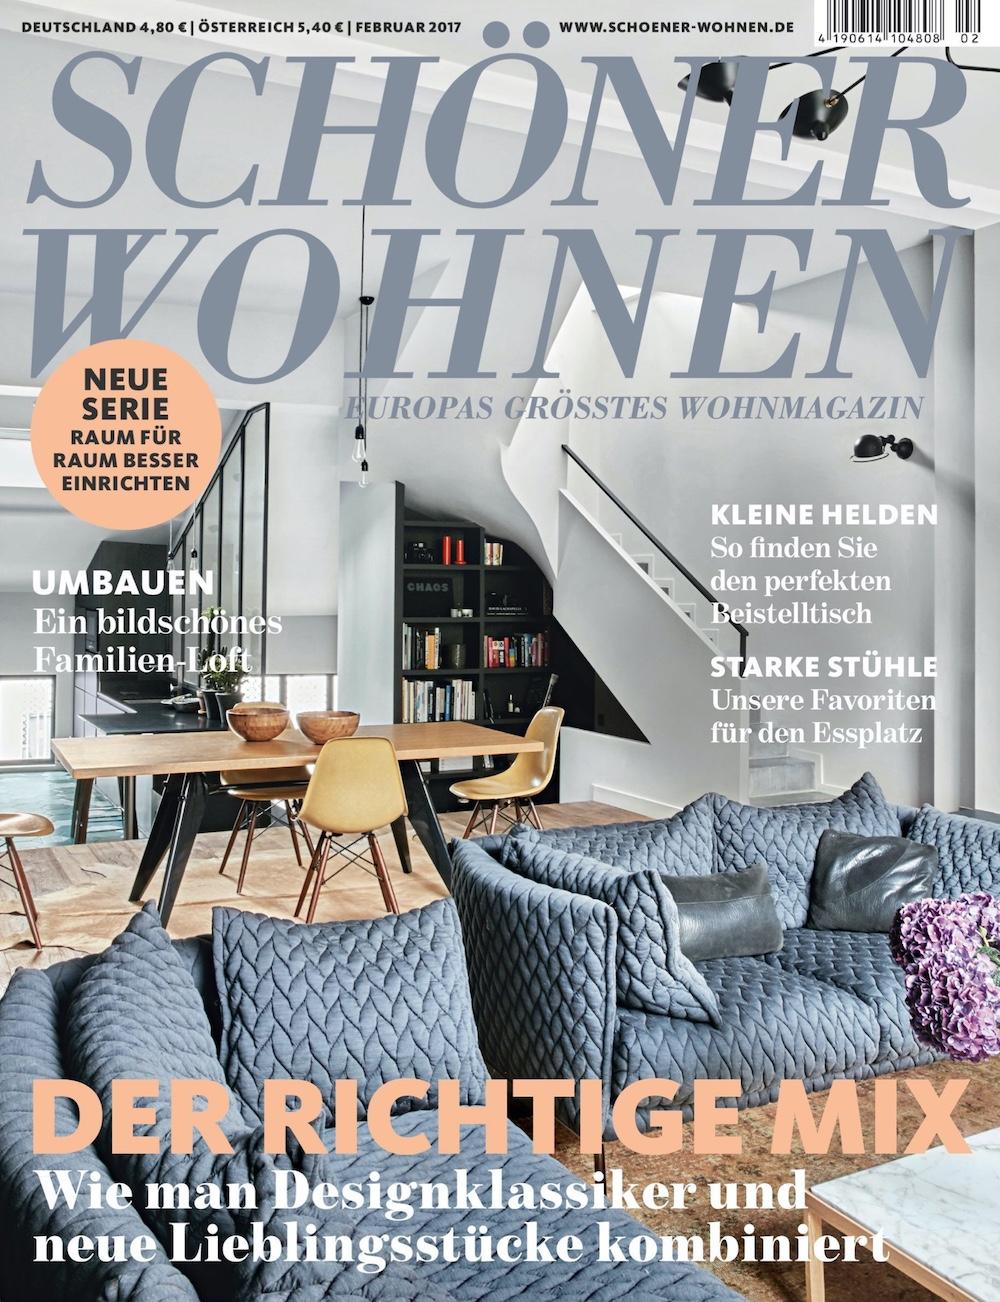 Schöner Wohnen 2017-02